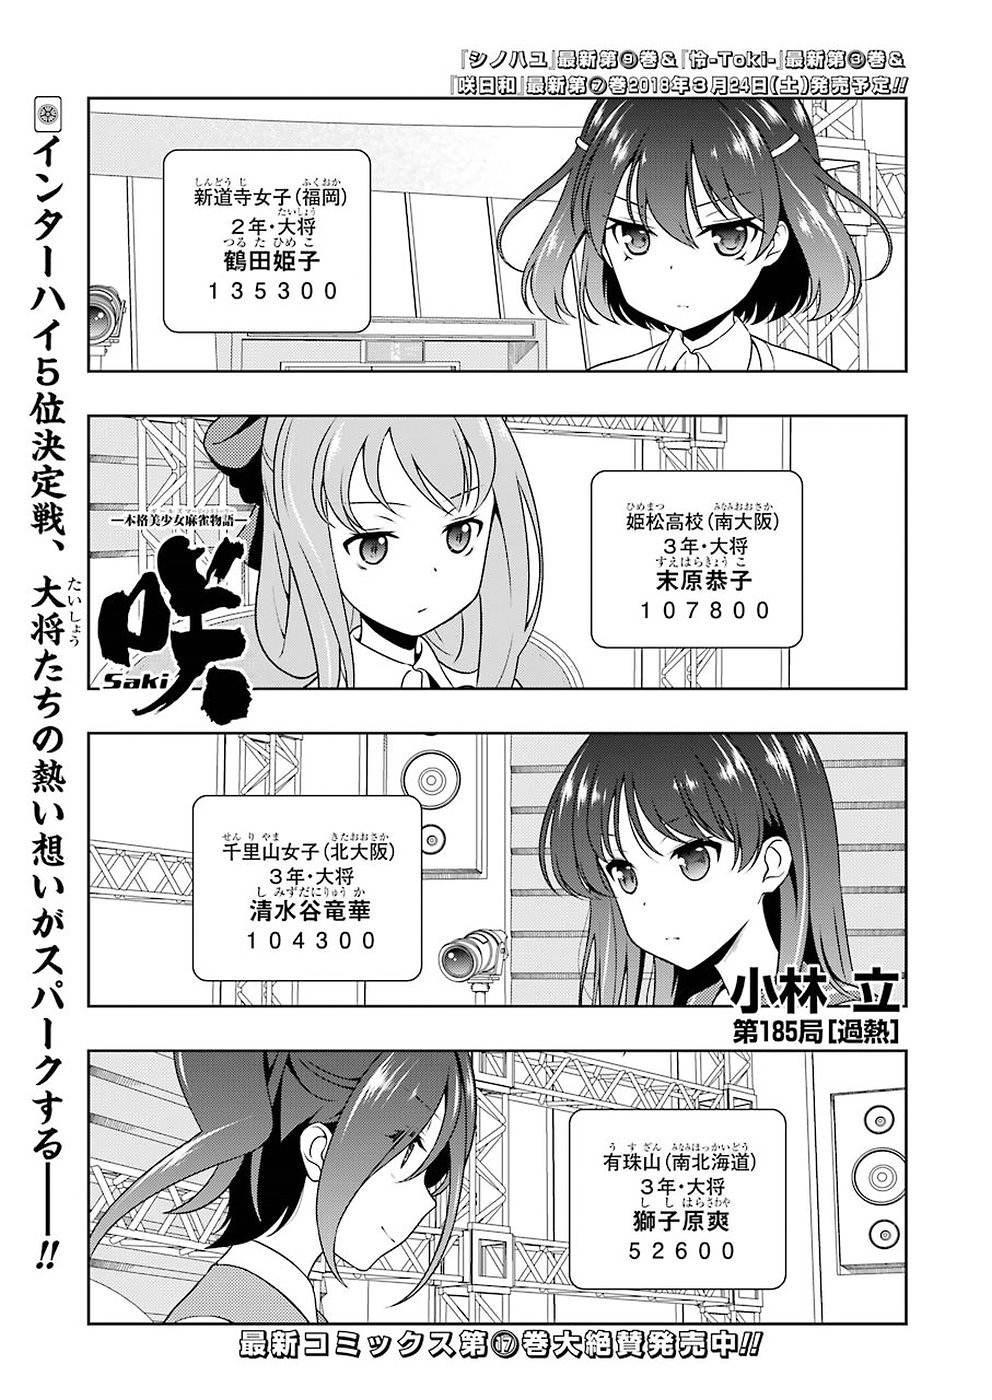 Saki Chapter 185 Page 1